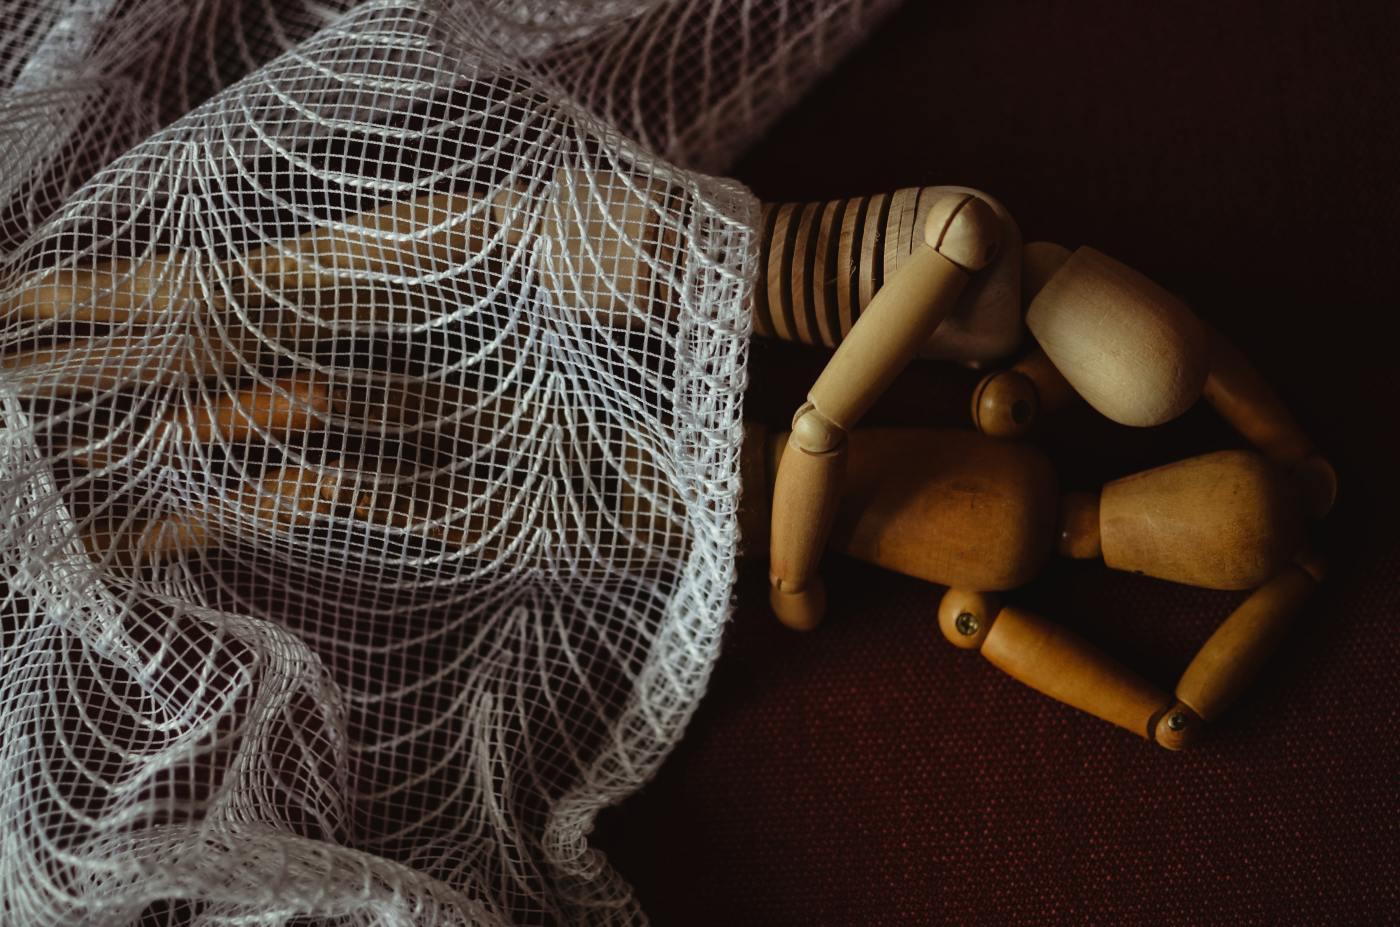 Zwei geometrische Figuren, die miteinander im Bett liegen. Man hat das Gefühl zwei Personen umarmen sich, nachdem sie miteinander geschlafen haben.